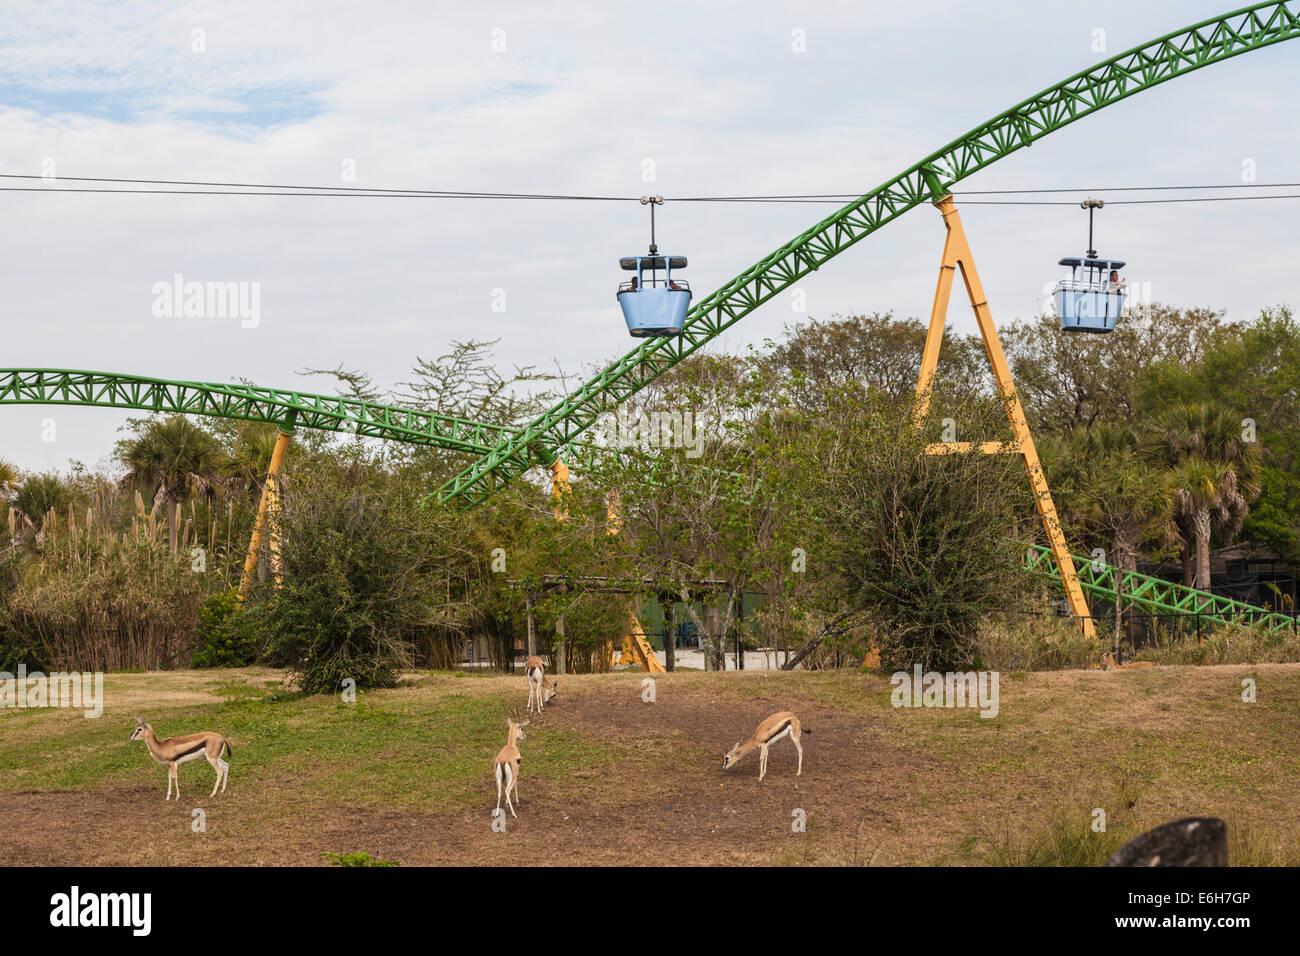 Busch Gardens Tampa Theme Park Stock Photos & Busch Gardens Tampa ...